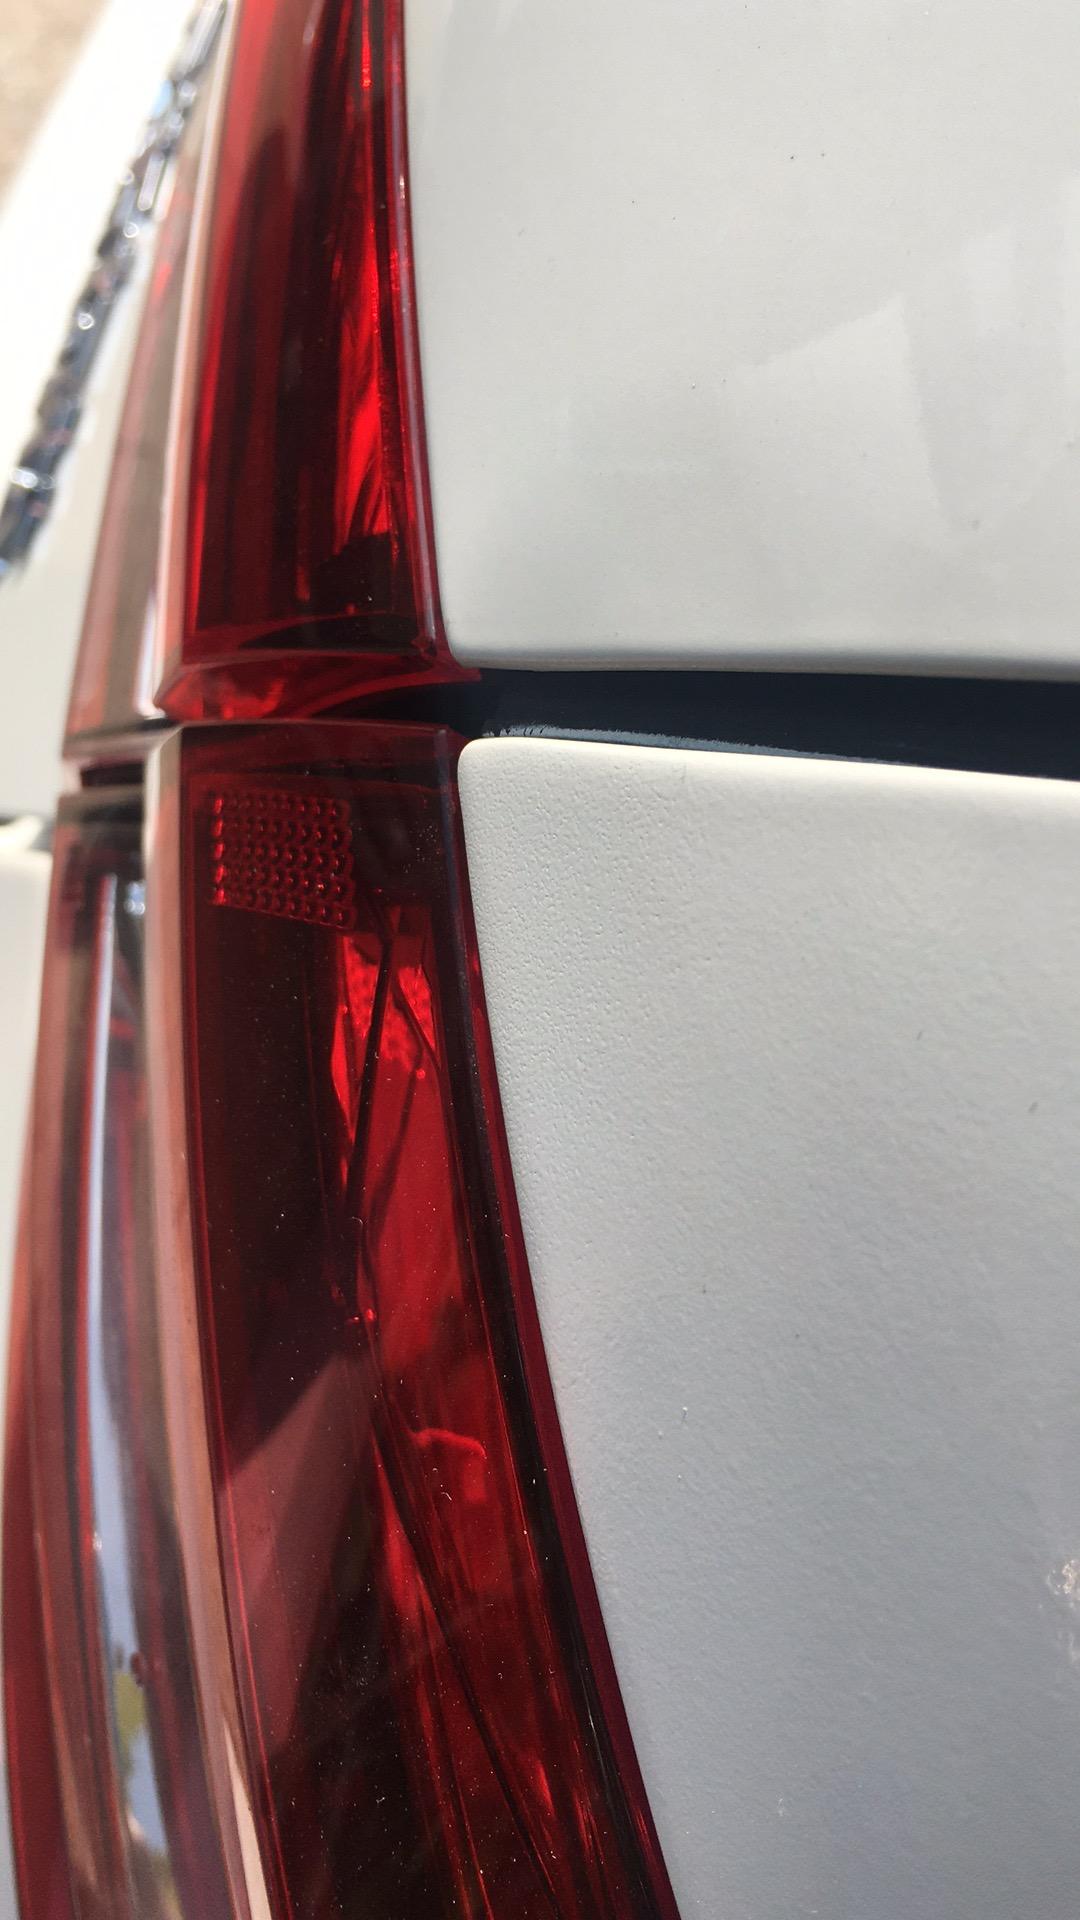 斯柯达-明锐 4s店维修技术差,车辆几乎被修到报废